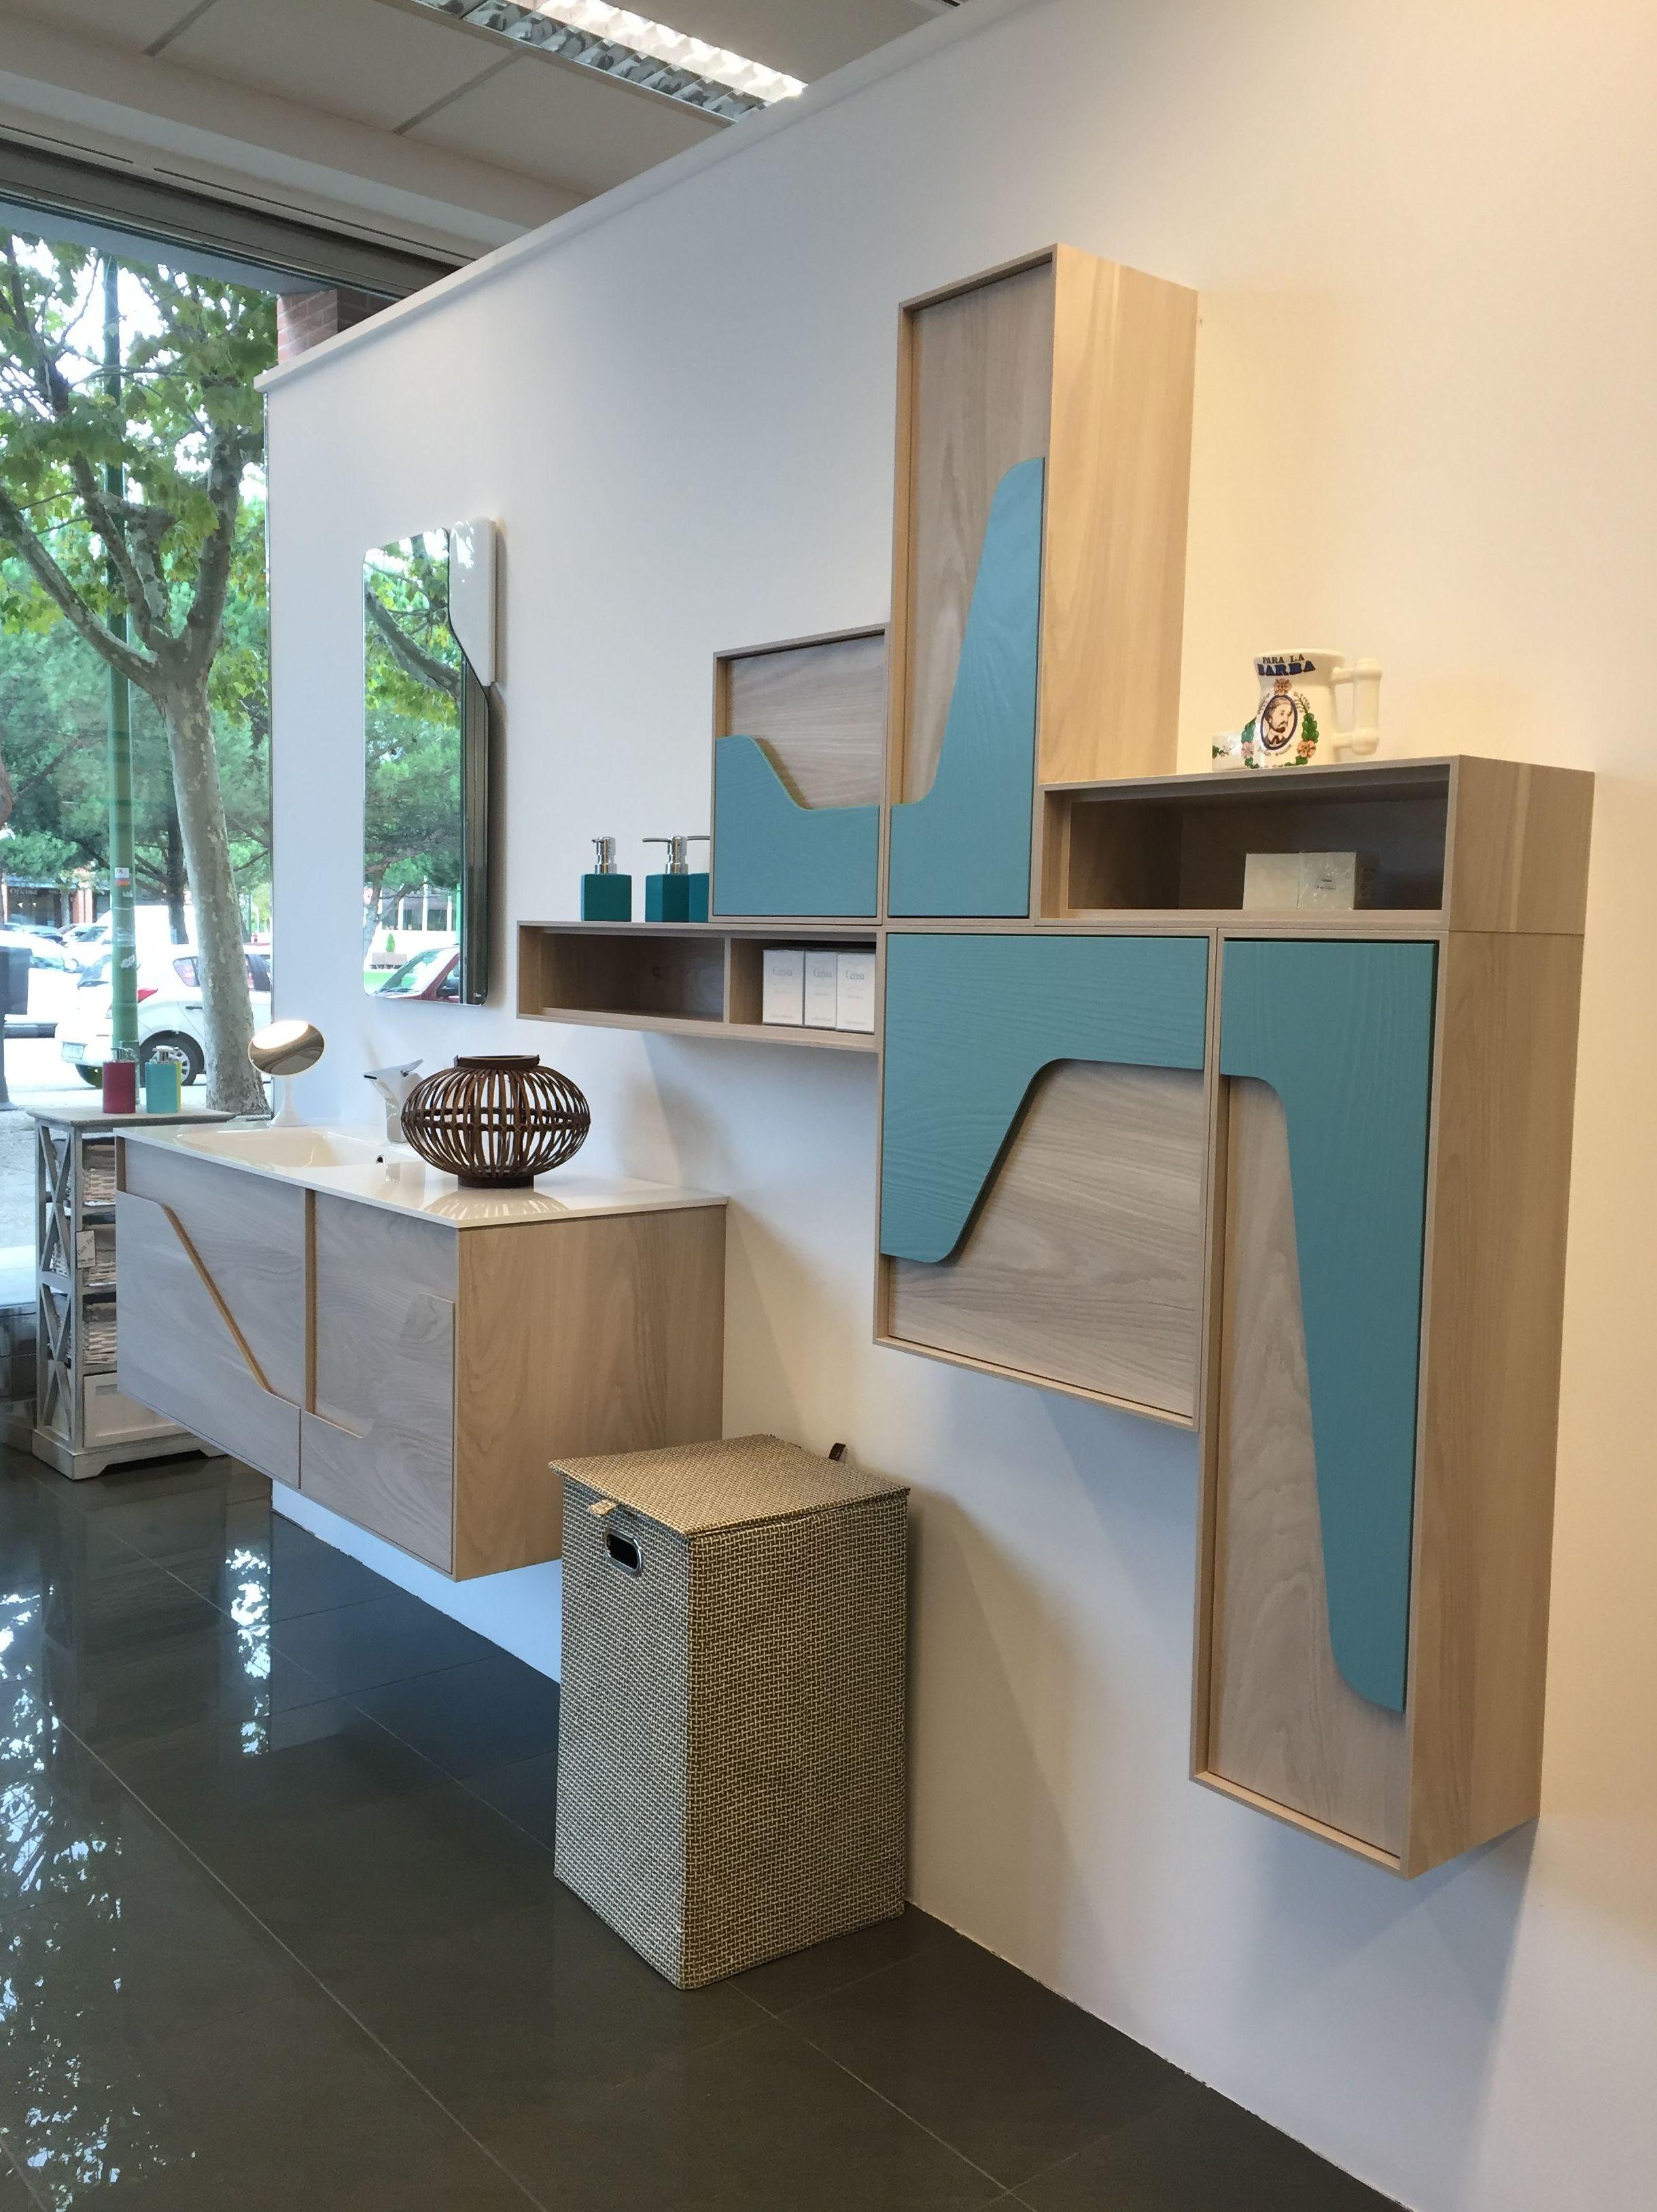 Foto 18 De Muebles De Baño Y Cocina En Burgos Ferroplas